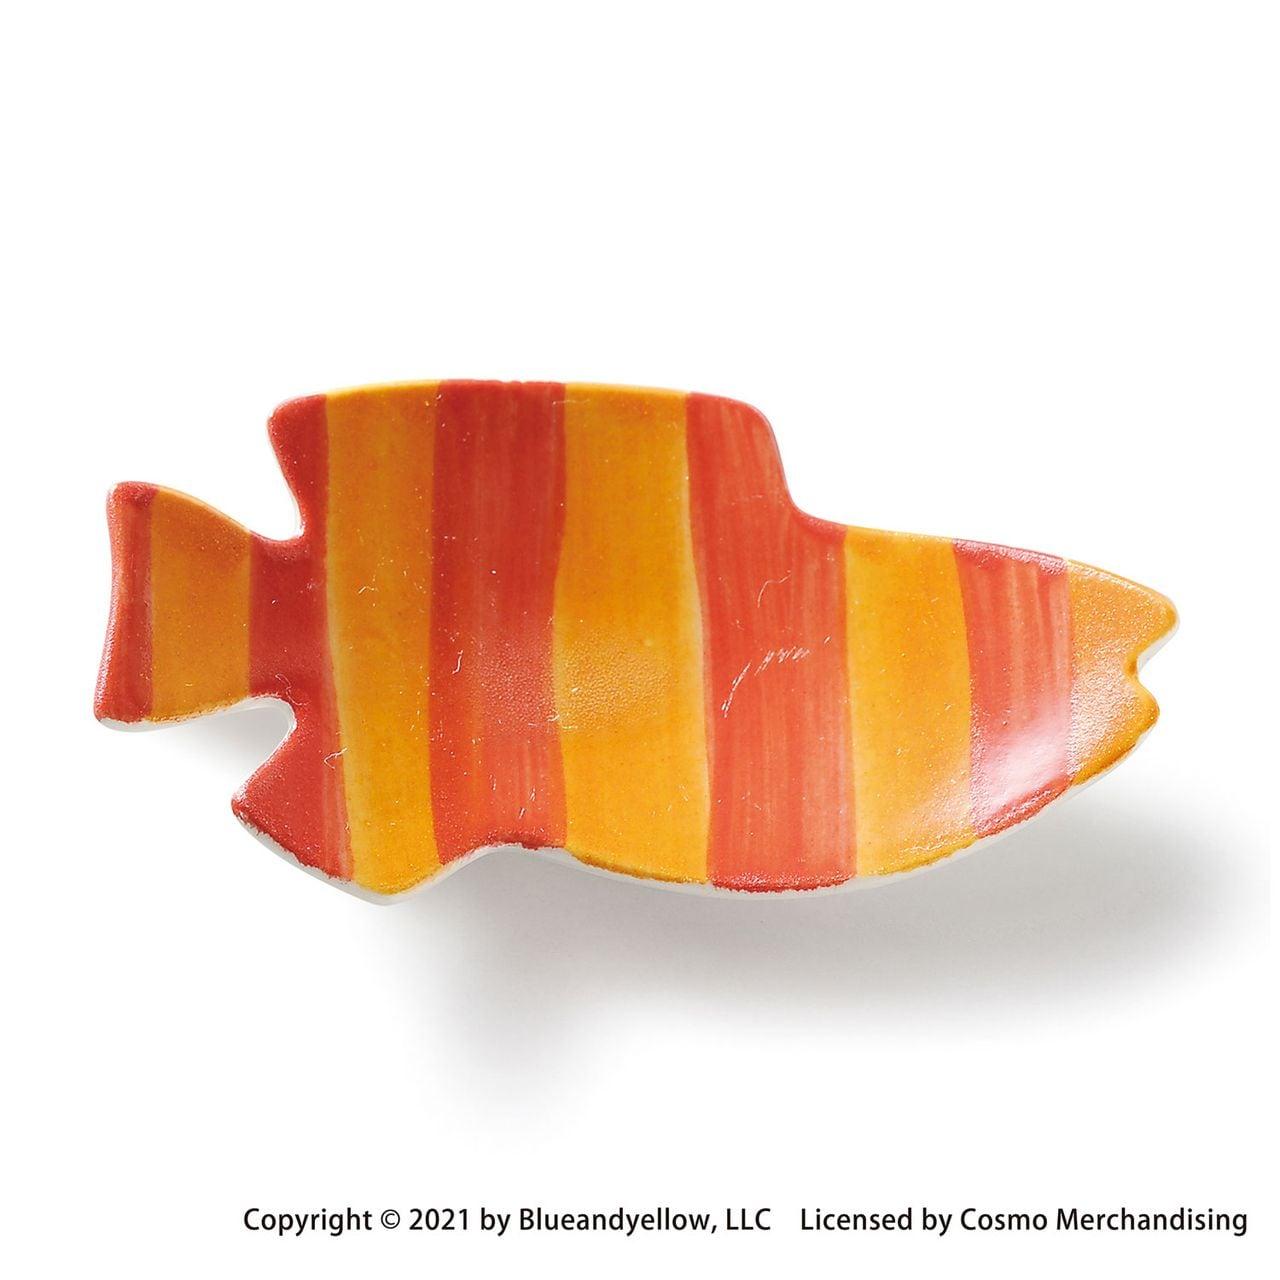 レオ・レオニ 豆皿 小皿 ミニ 皿 約8×4cm スイミー ストライプ 瀬戸焼 278218